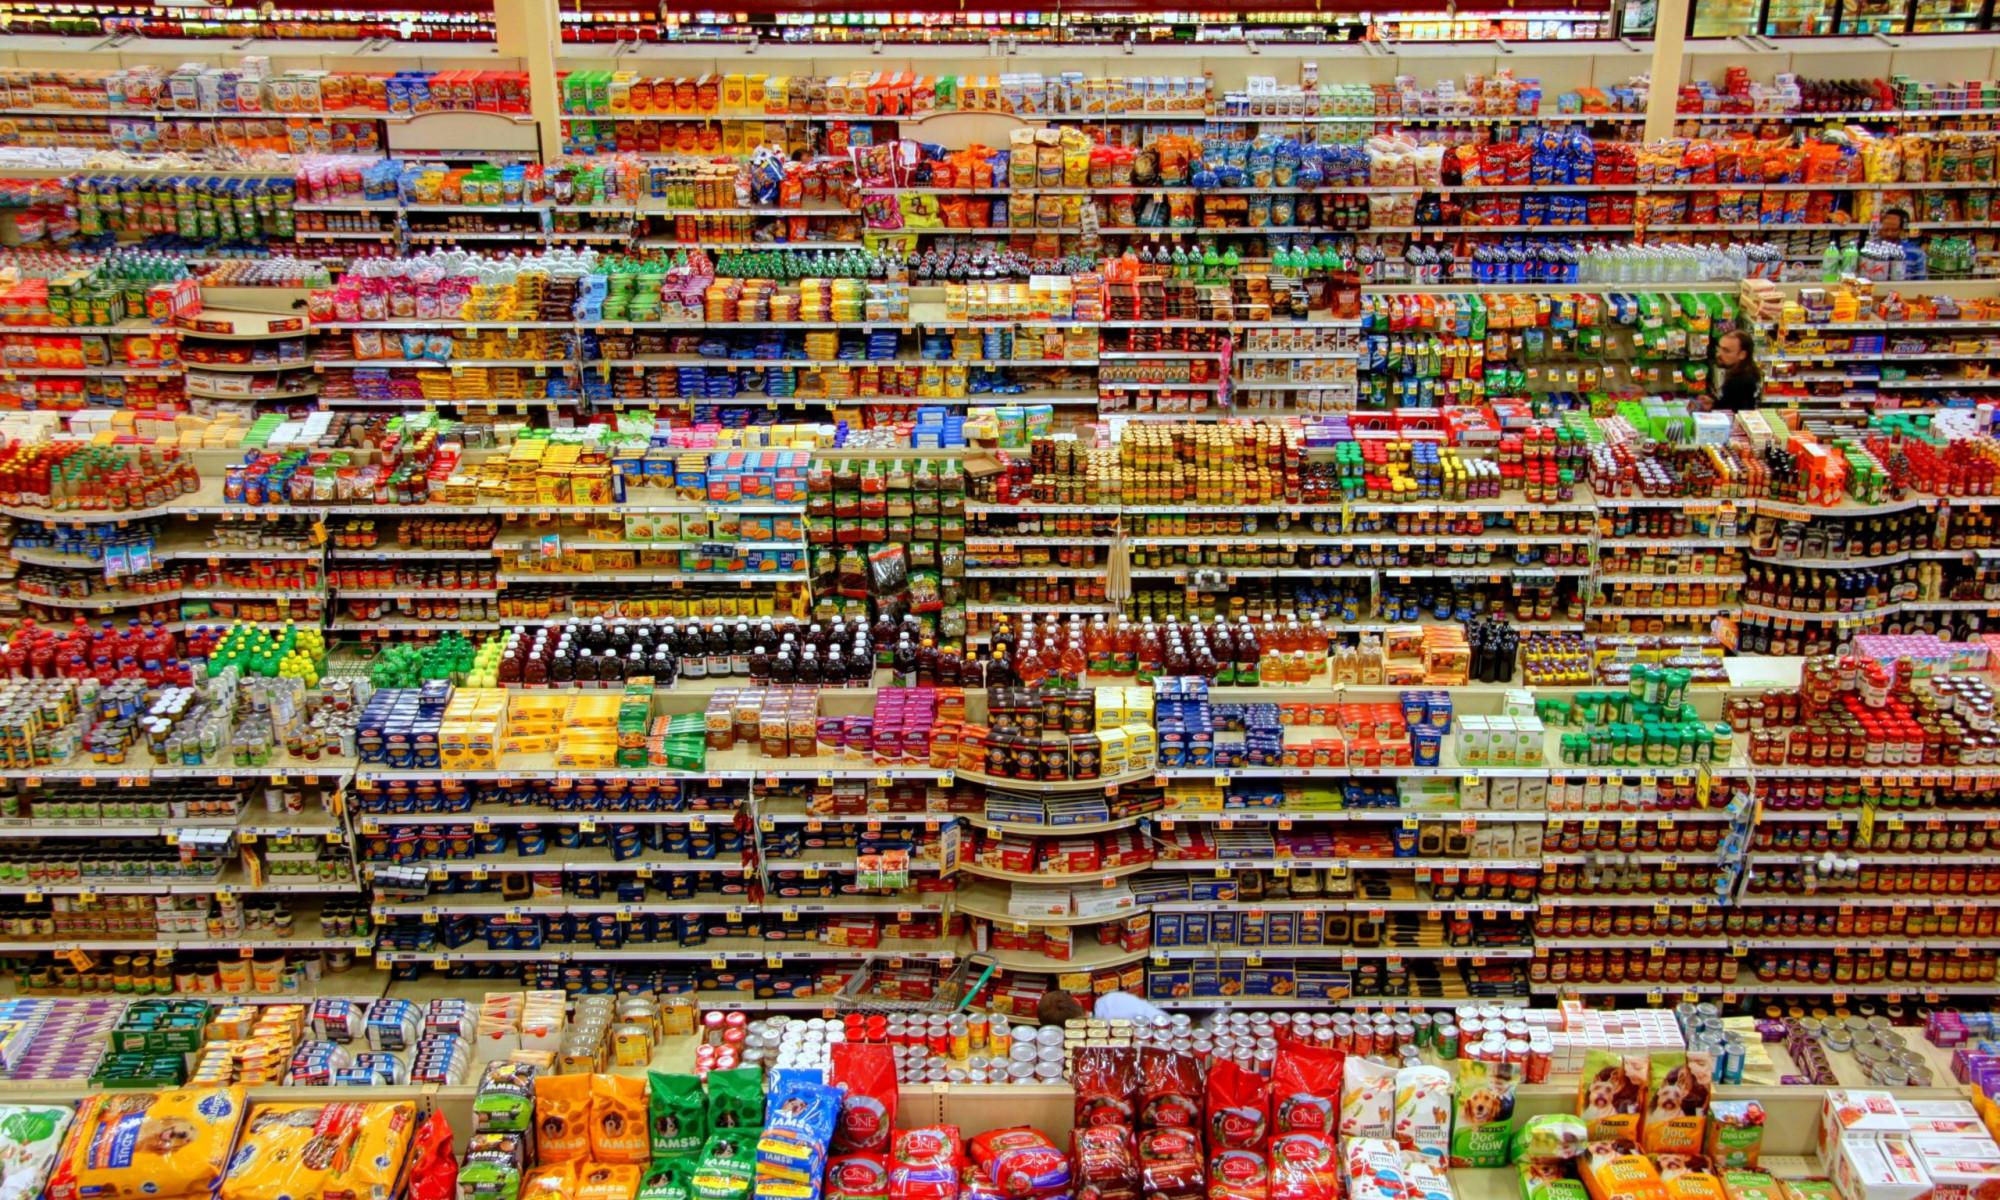 Süßigkeiten, Supermarkt